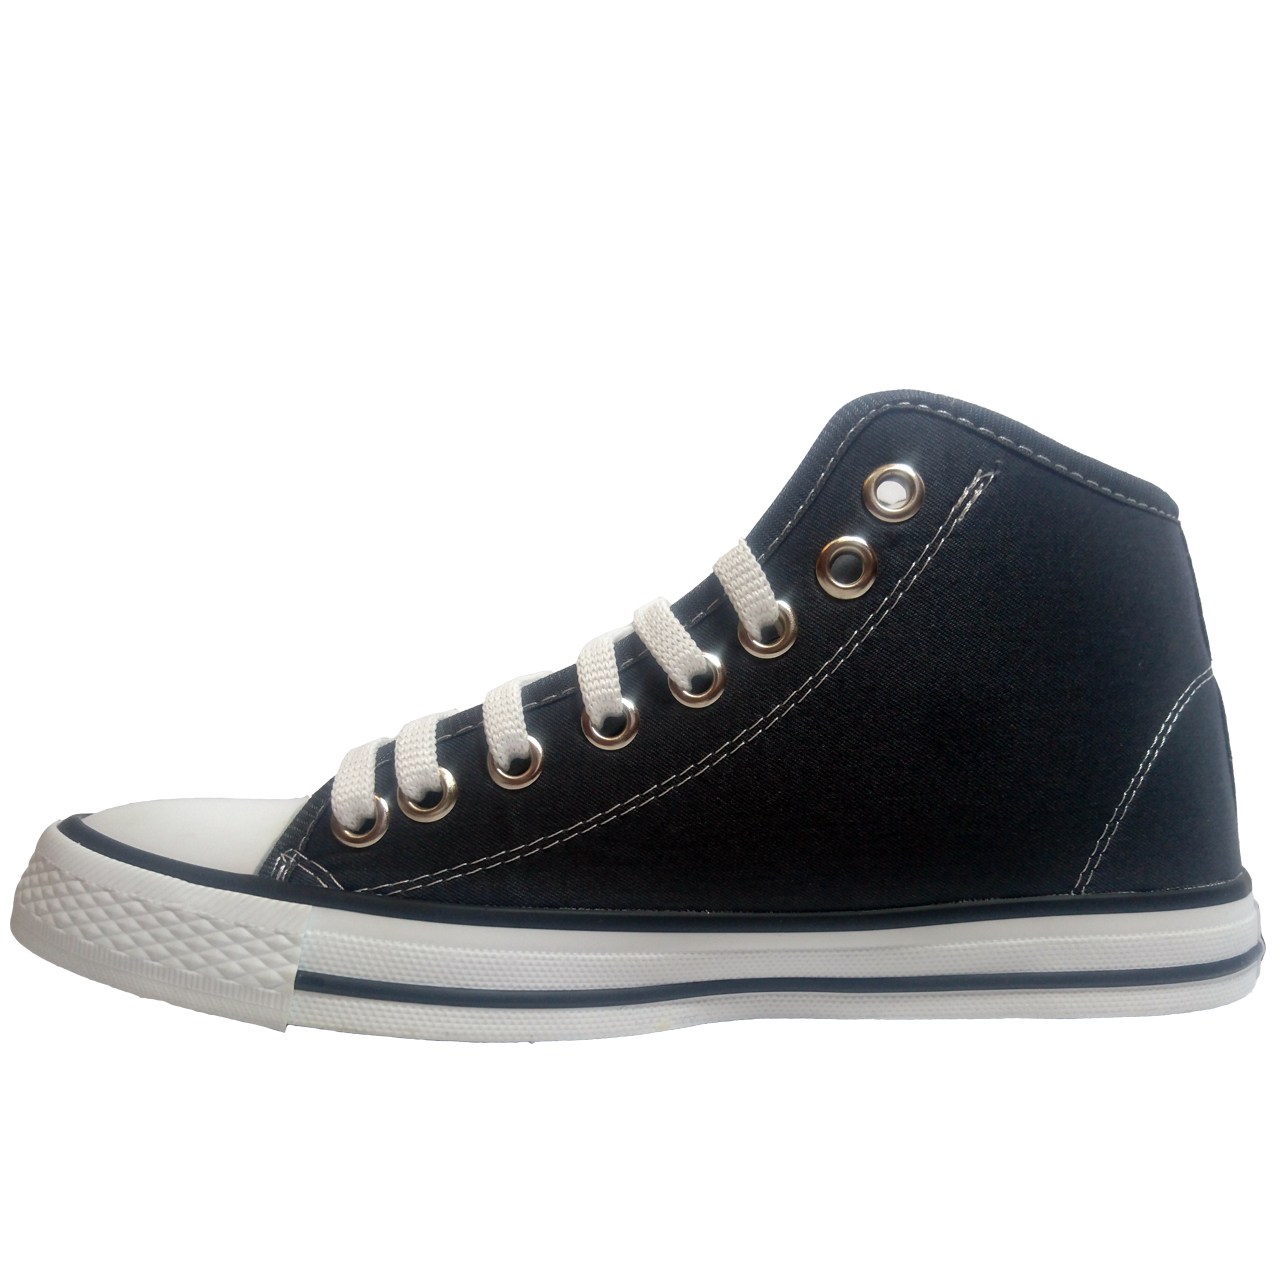 قیمت کفش راحتی کانورس مدل Chuck Taylor All Star